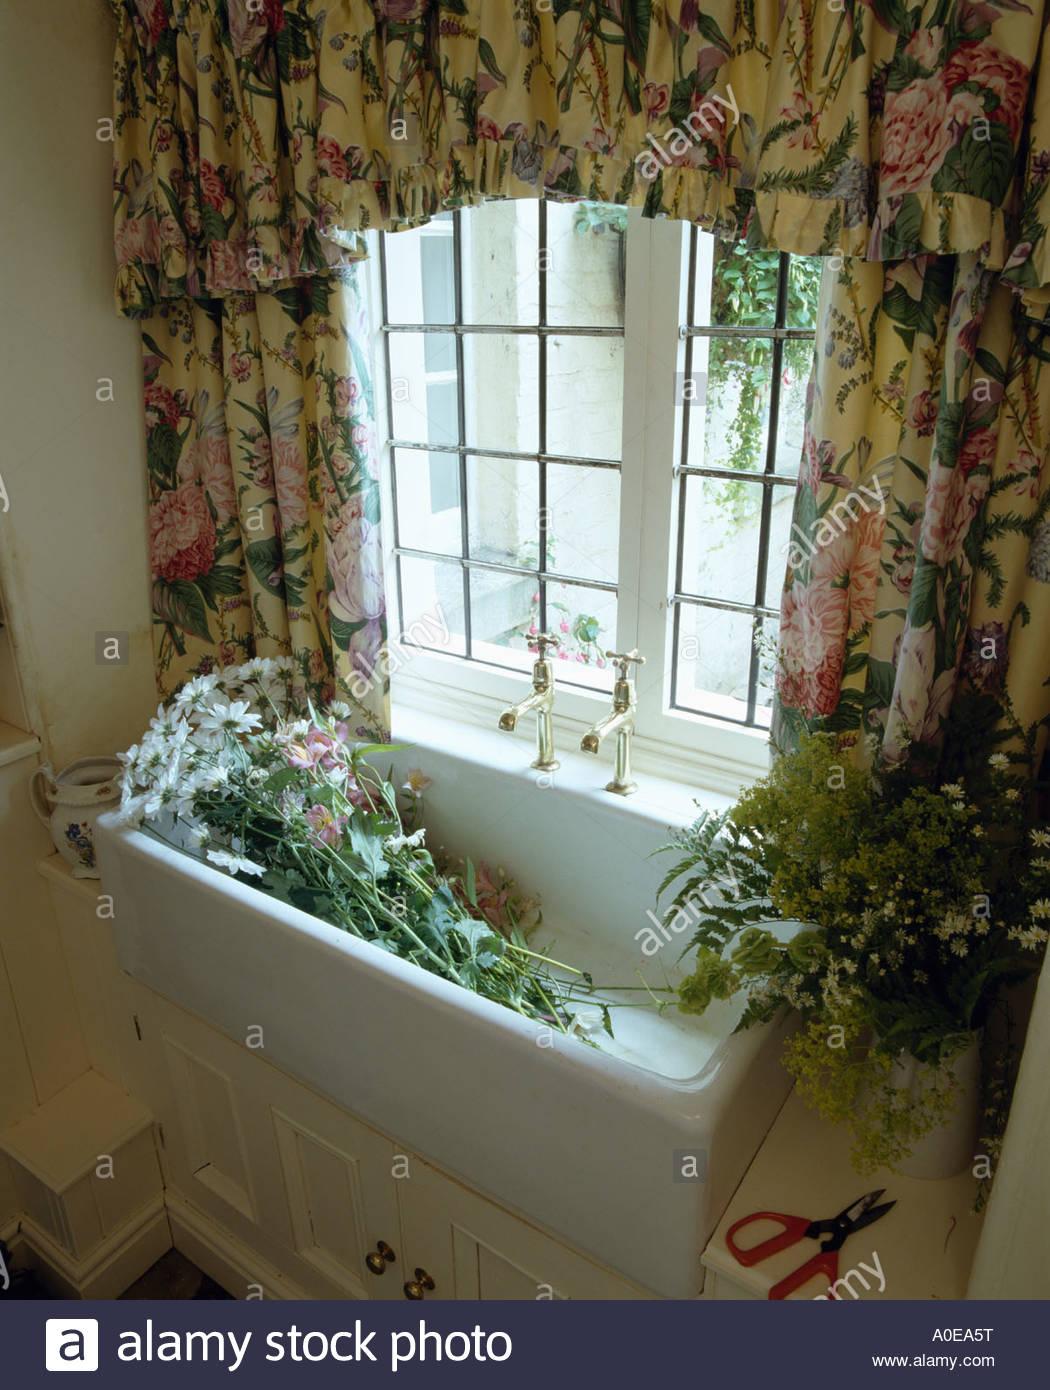 Full Size of Blumen Im Waschbecken Unter Fenster Mit Floral Gardinen Stockfoto Für Schlafzimmer Scheibengardinen Küche Die Wohnzimmer Wohnzimmer Küchenfenster Gardinen